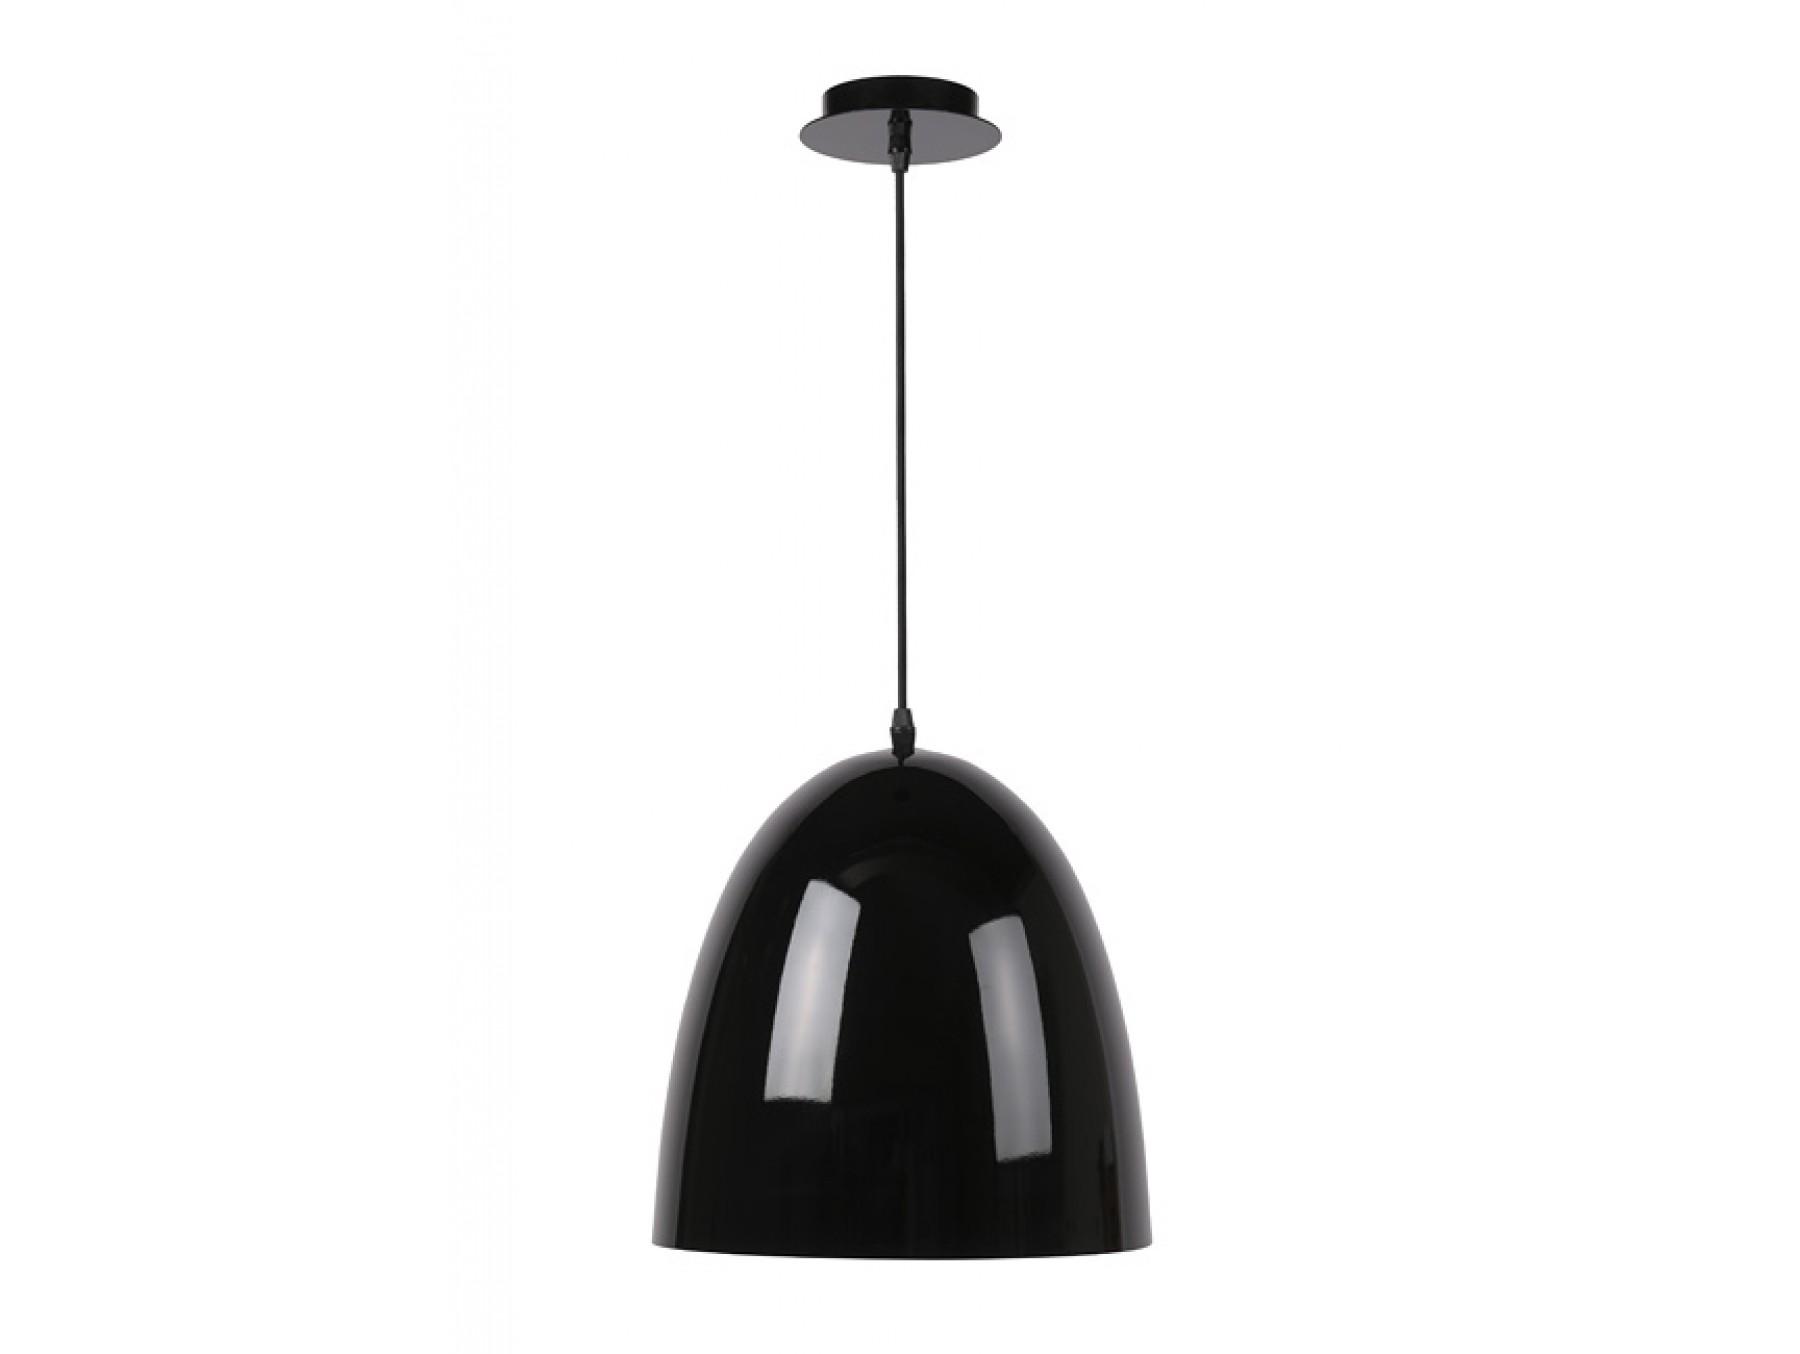 Подвесной светильник LOKOПодвесные светильники<br>основание: металл<br>плафон: металл/черный<br>диаметр: 30 см<br>высота: 120 см<br>Е27, 60W, 1 лампочка (в комплект не входит)<br><br>Material: Металл<br>Height см: 120<br>Diameter см: 30